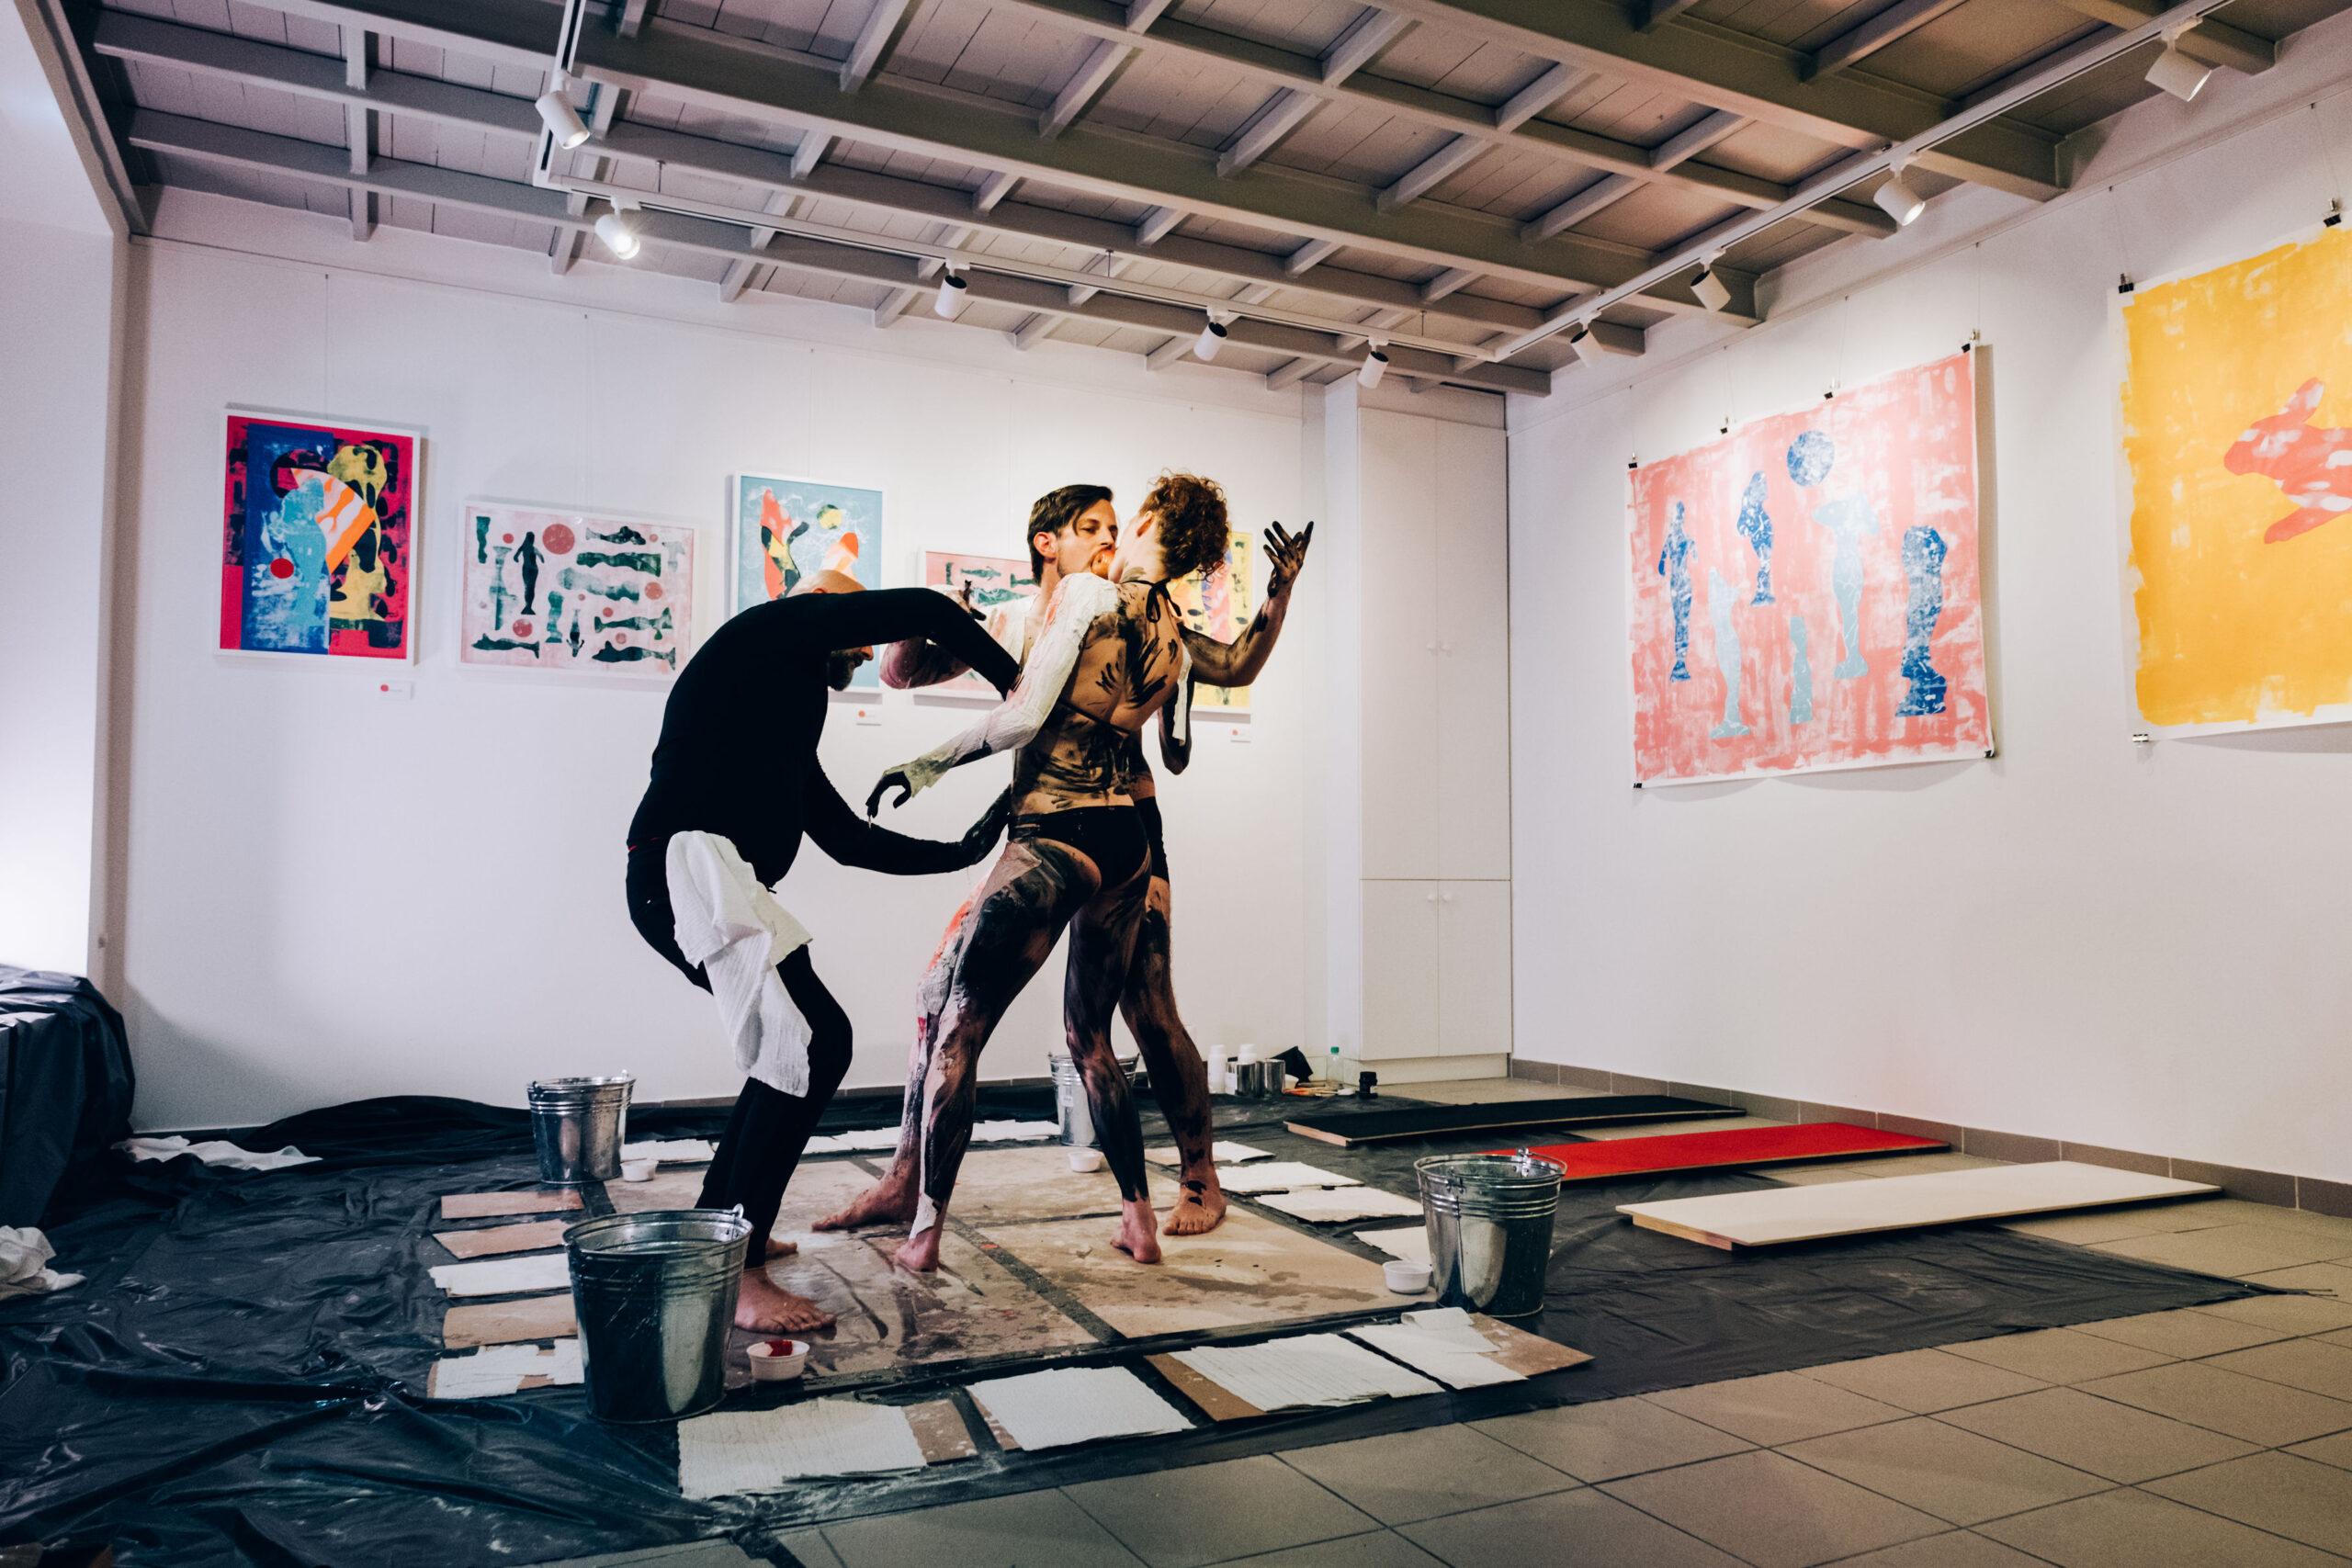 la-pomme-de-vie-fine-arts-performance-07